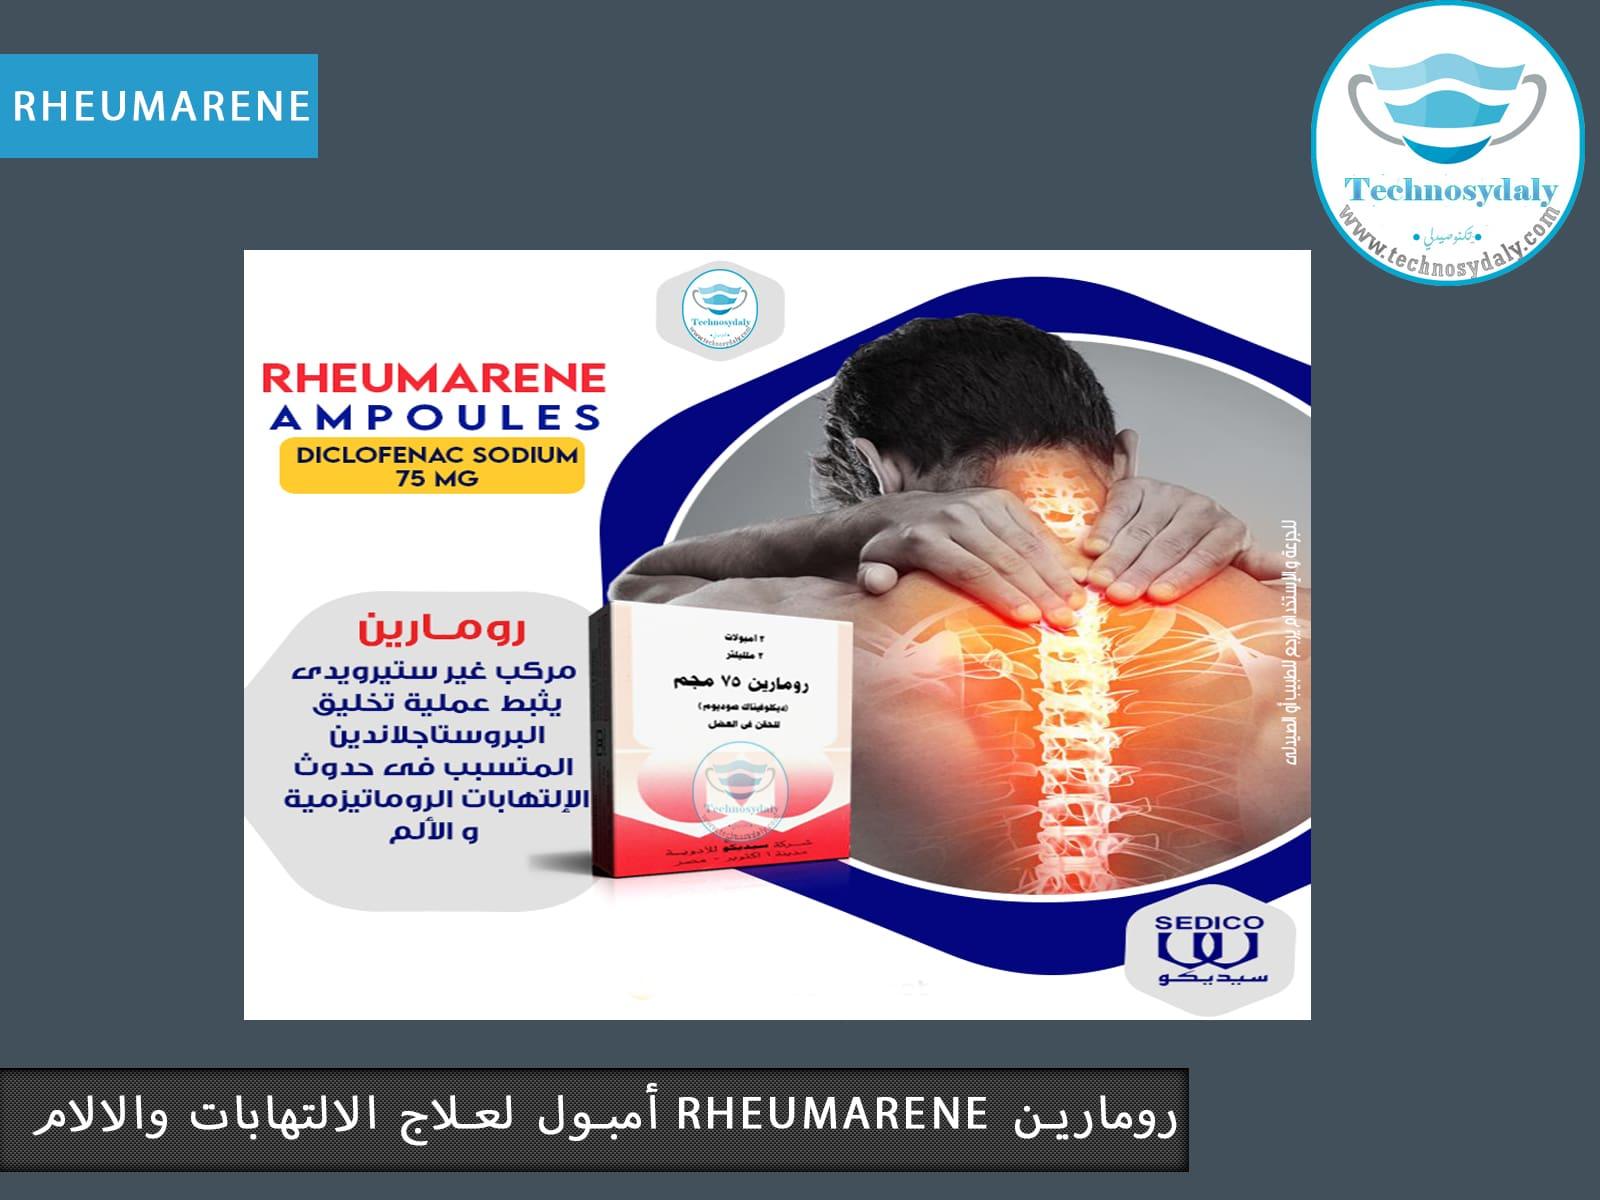 رومارين rheumarene أمبول لعلاج الالتهابات والالام